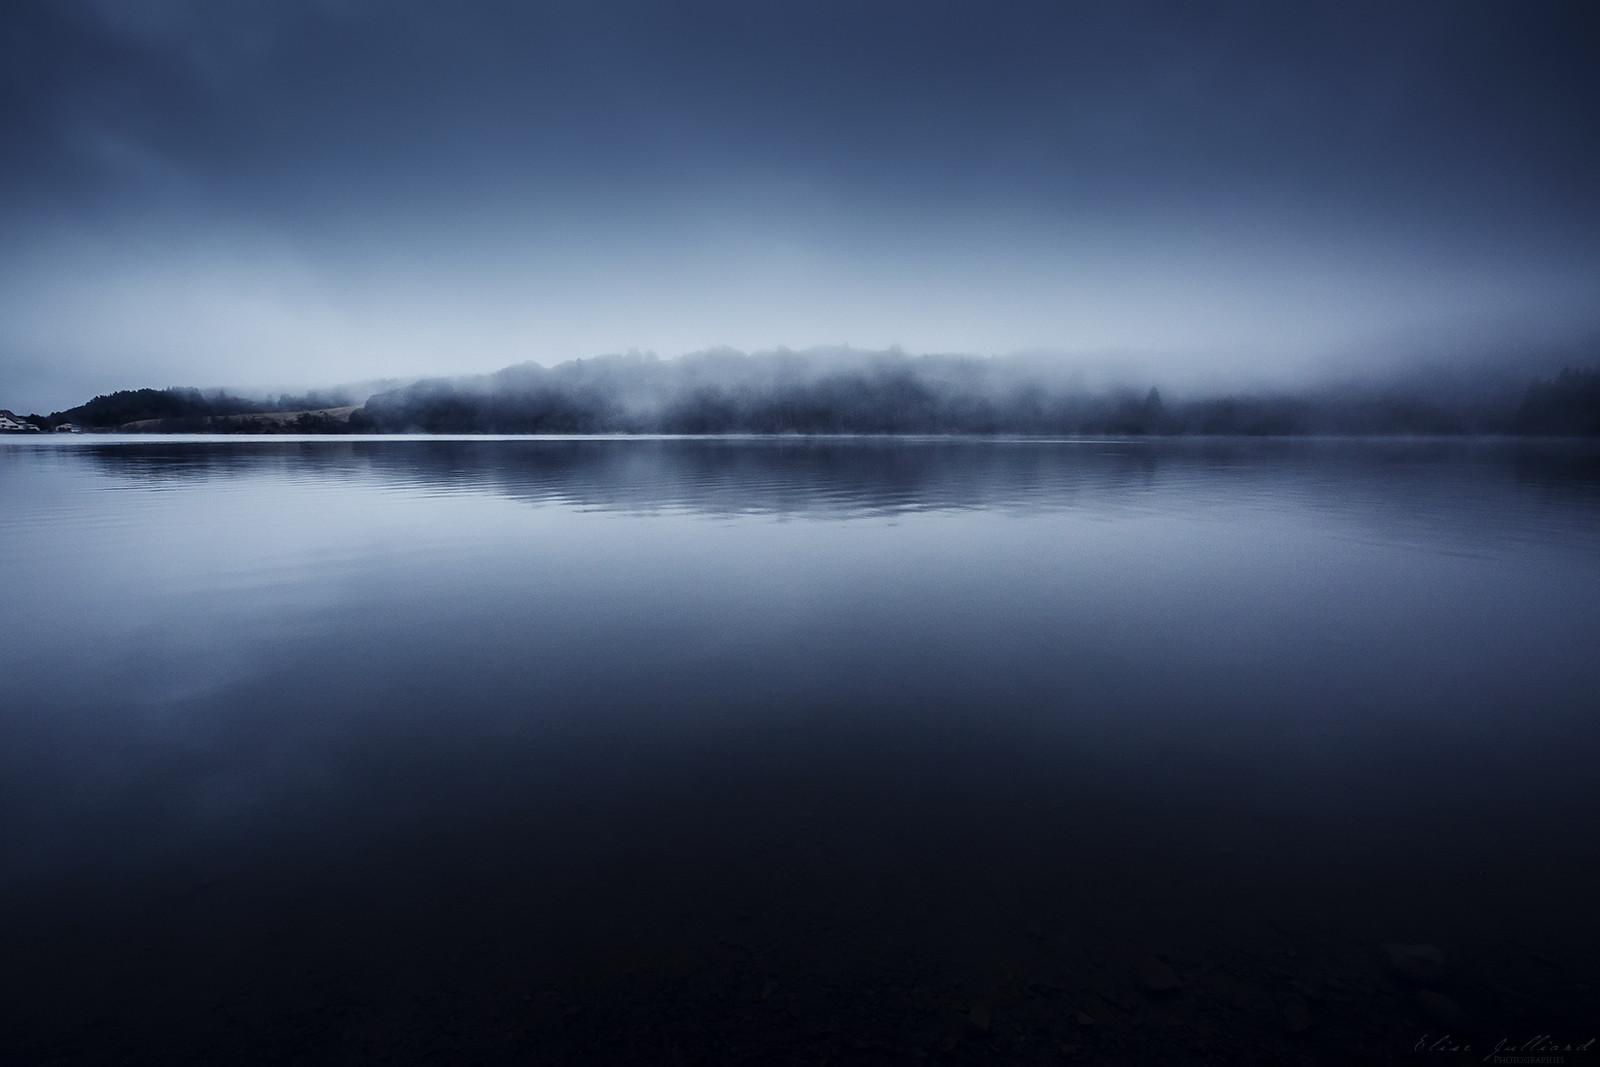 lac-de-guery-auvergne-rhone-alpes-puy-de-dome-clermont-ferrand-hiver-elise-julliard-photographe-lyon-paysage-brume